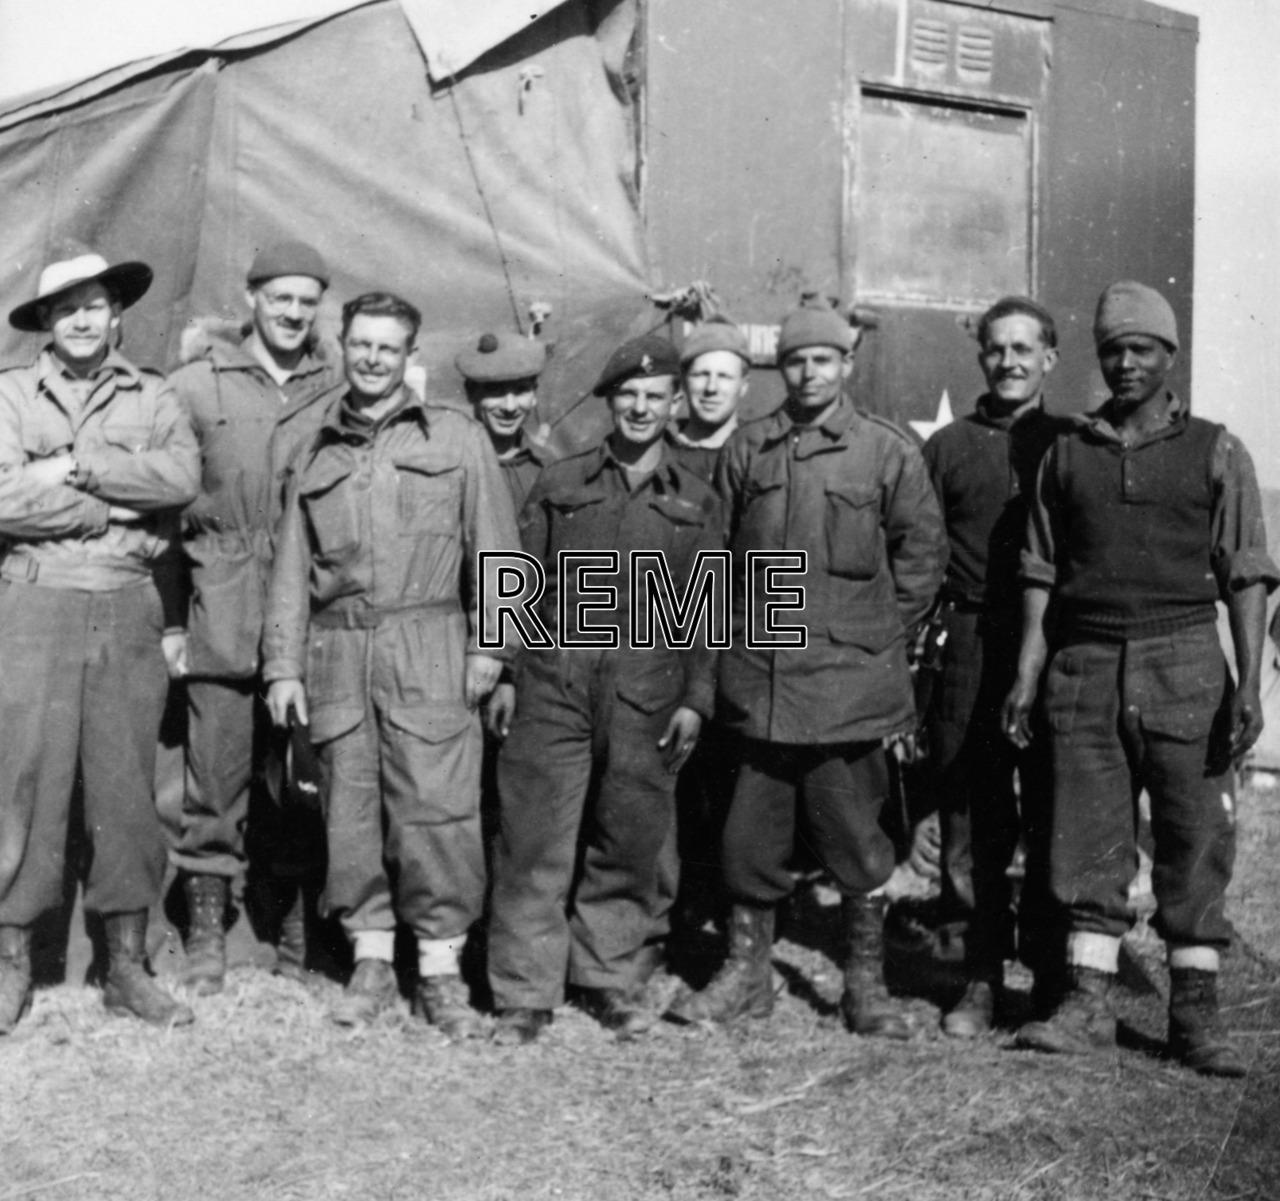 11 Infantry Workshop REME, Korea, 1950-1951